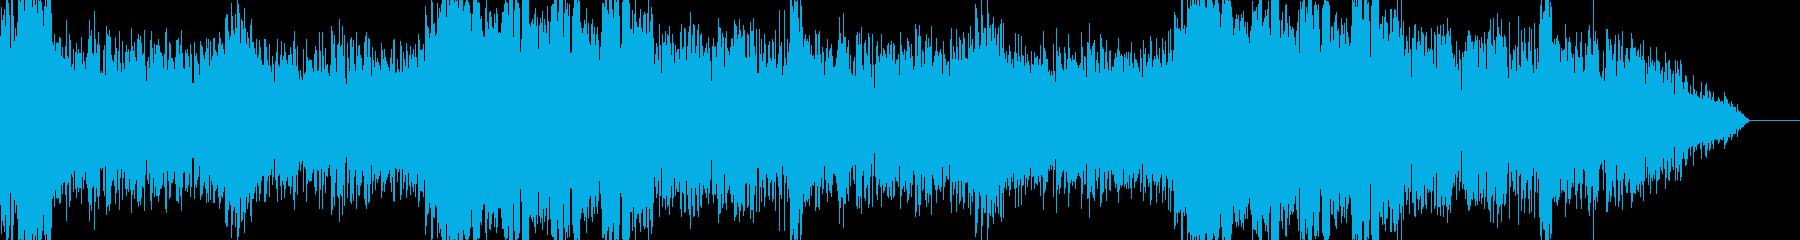 可愛い系レースゲームの再生済みの波形